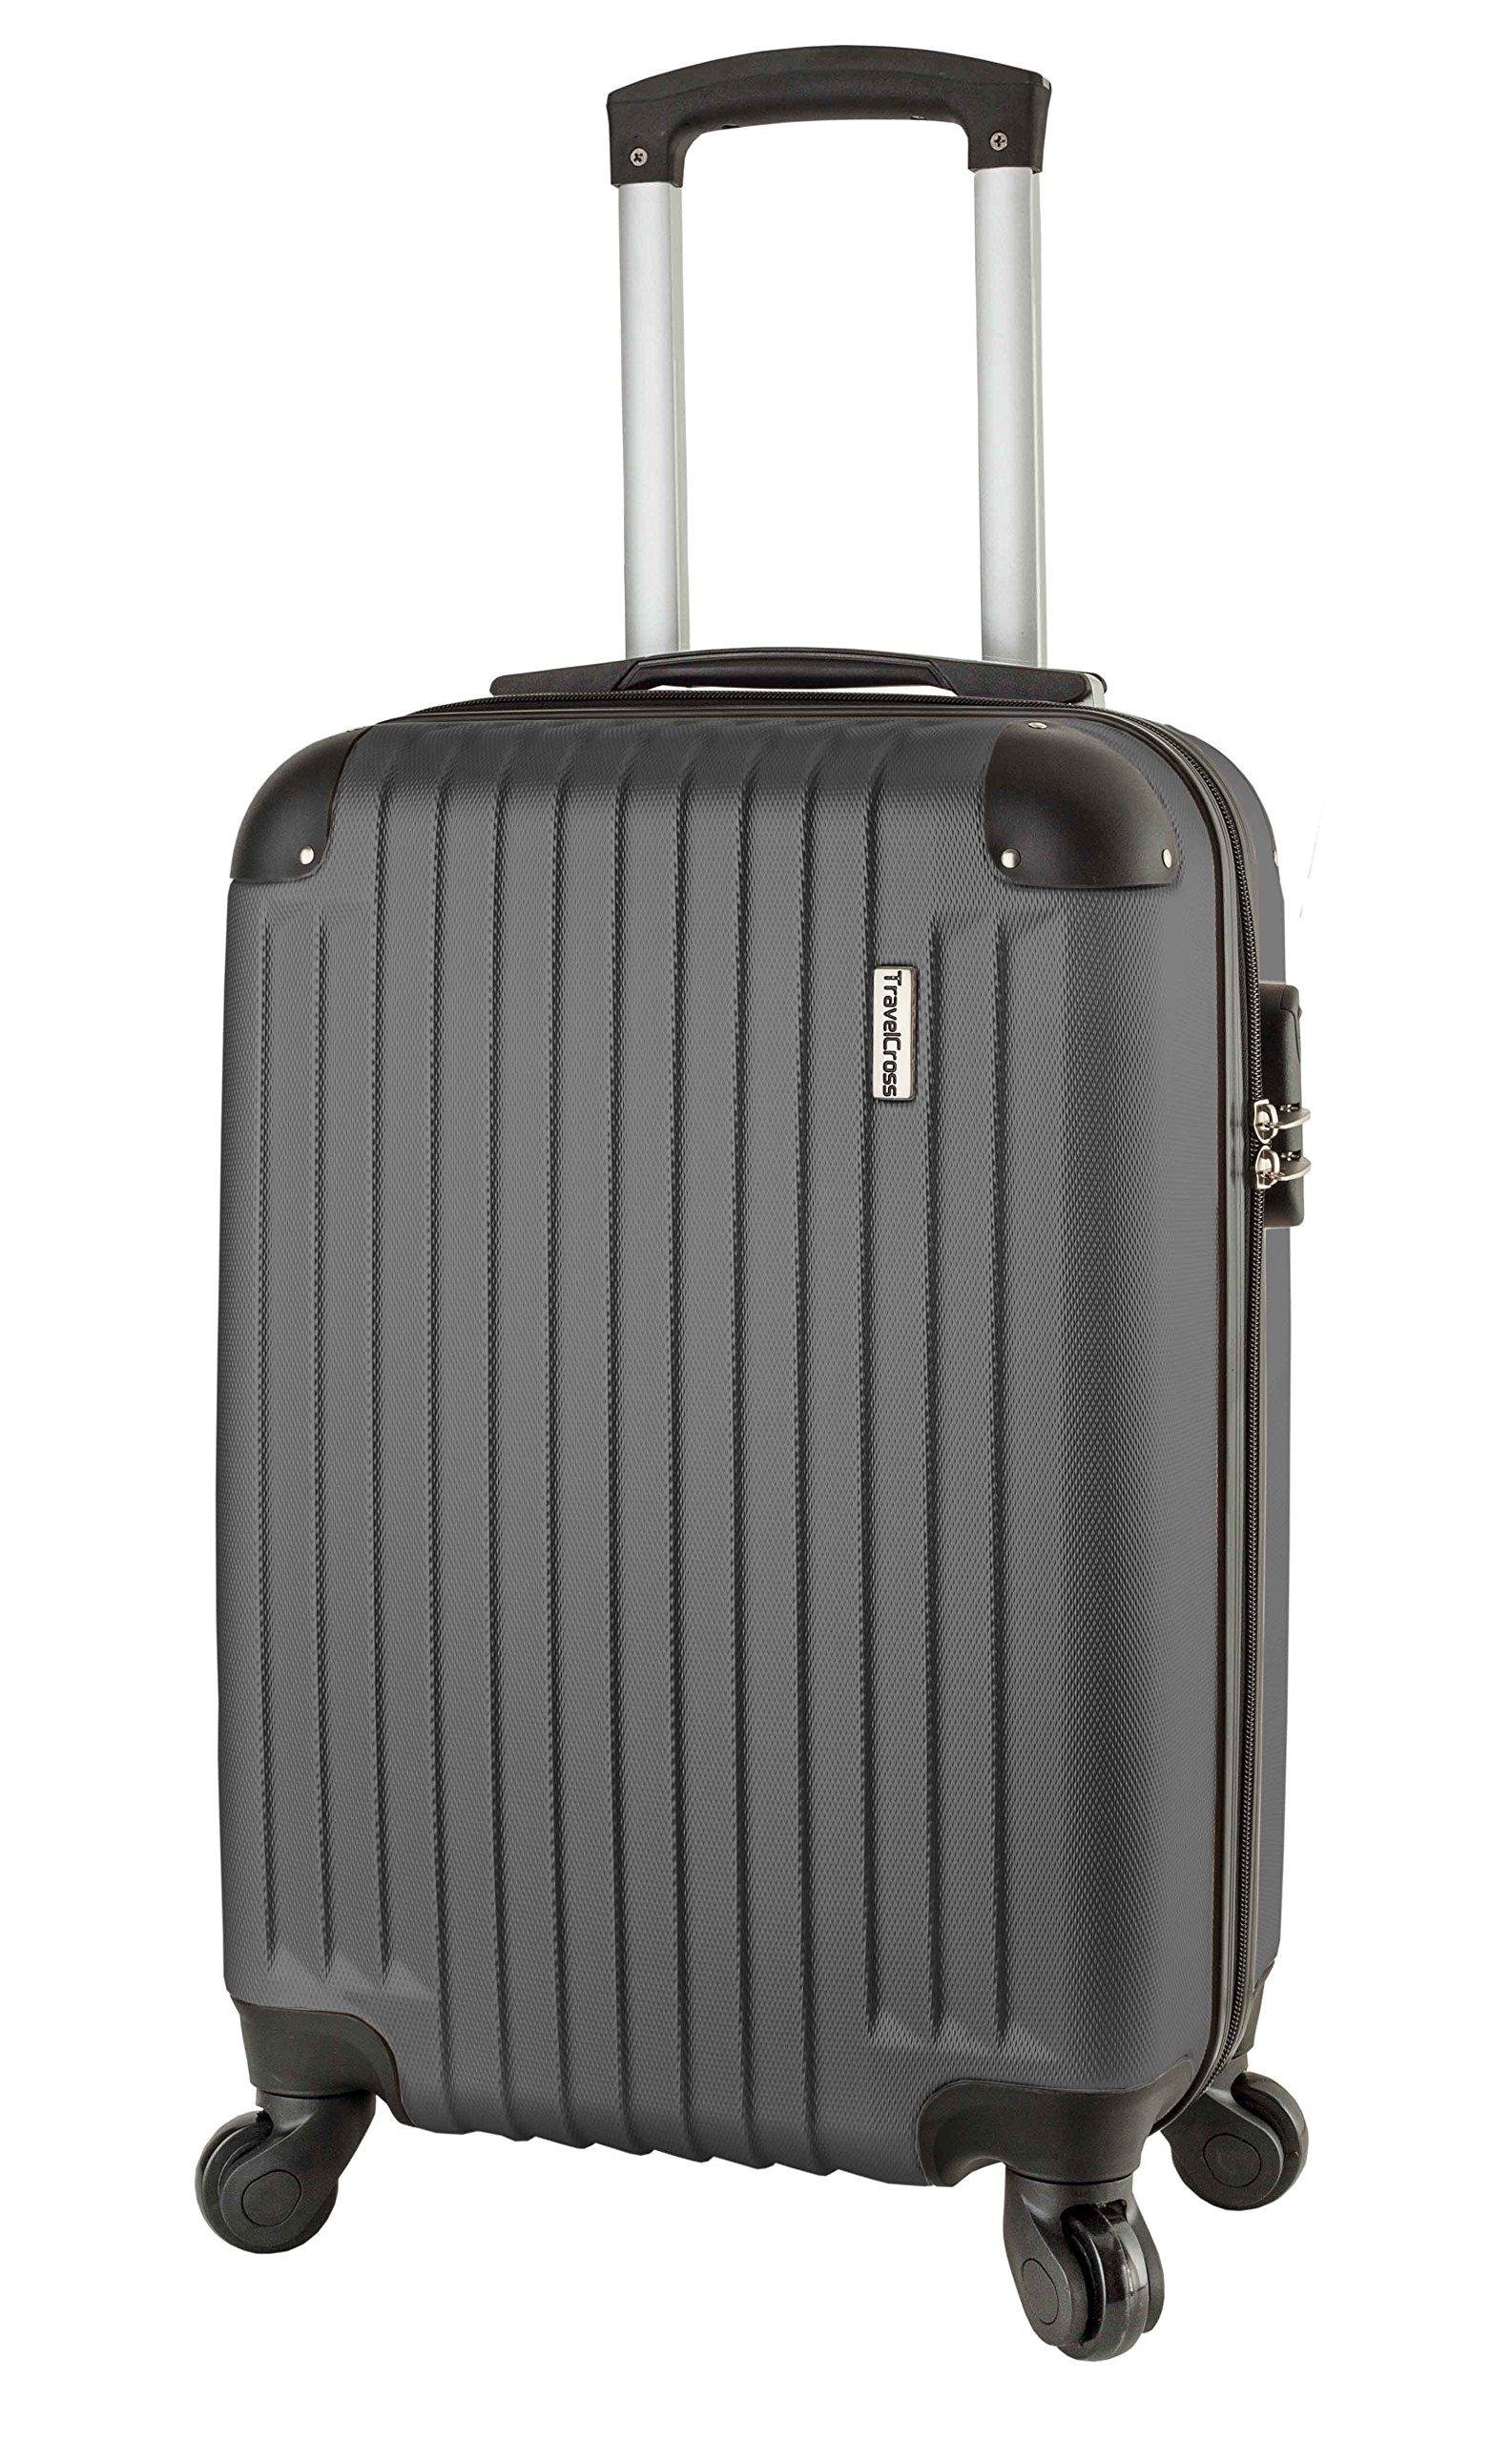 TravelCross Philadelphia 20'' Carry On Lightweight Hardshell Spinner Luggage - Dark Gray